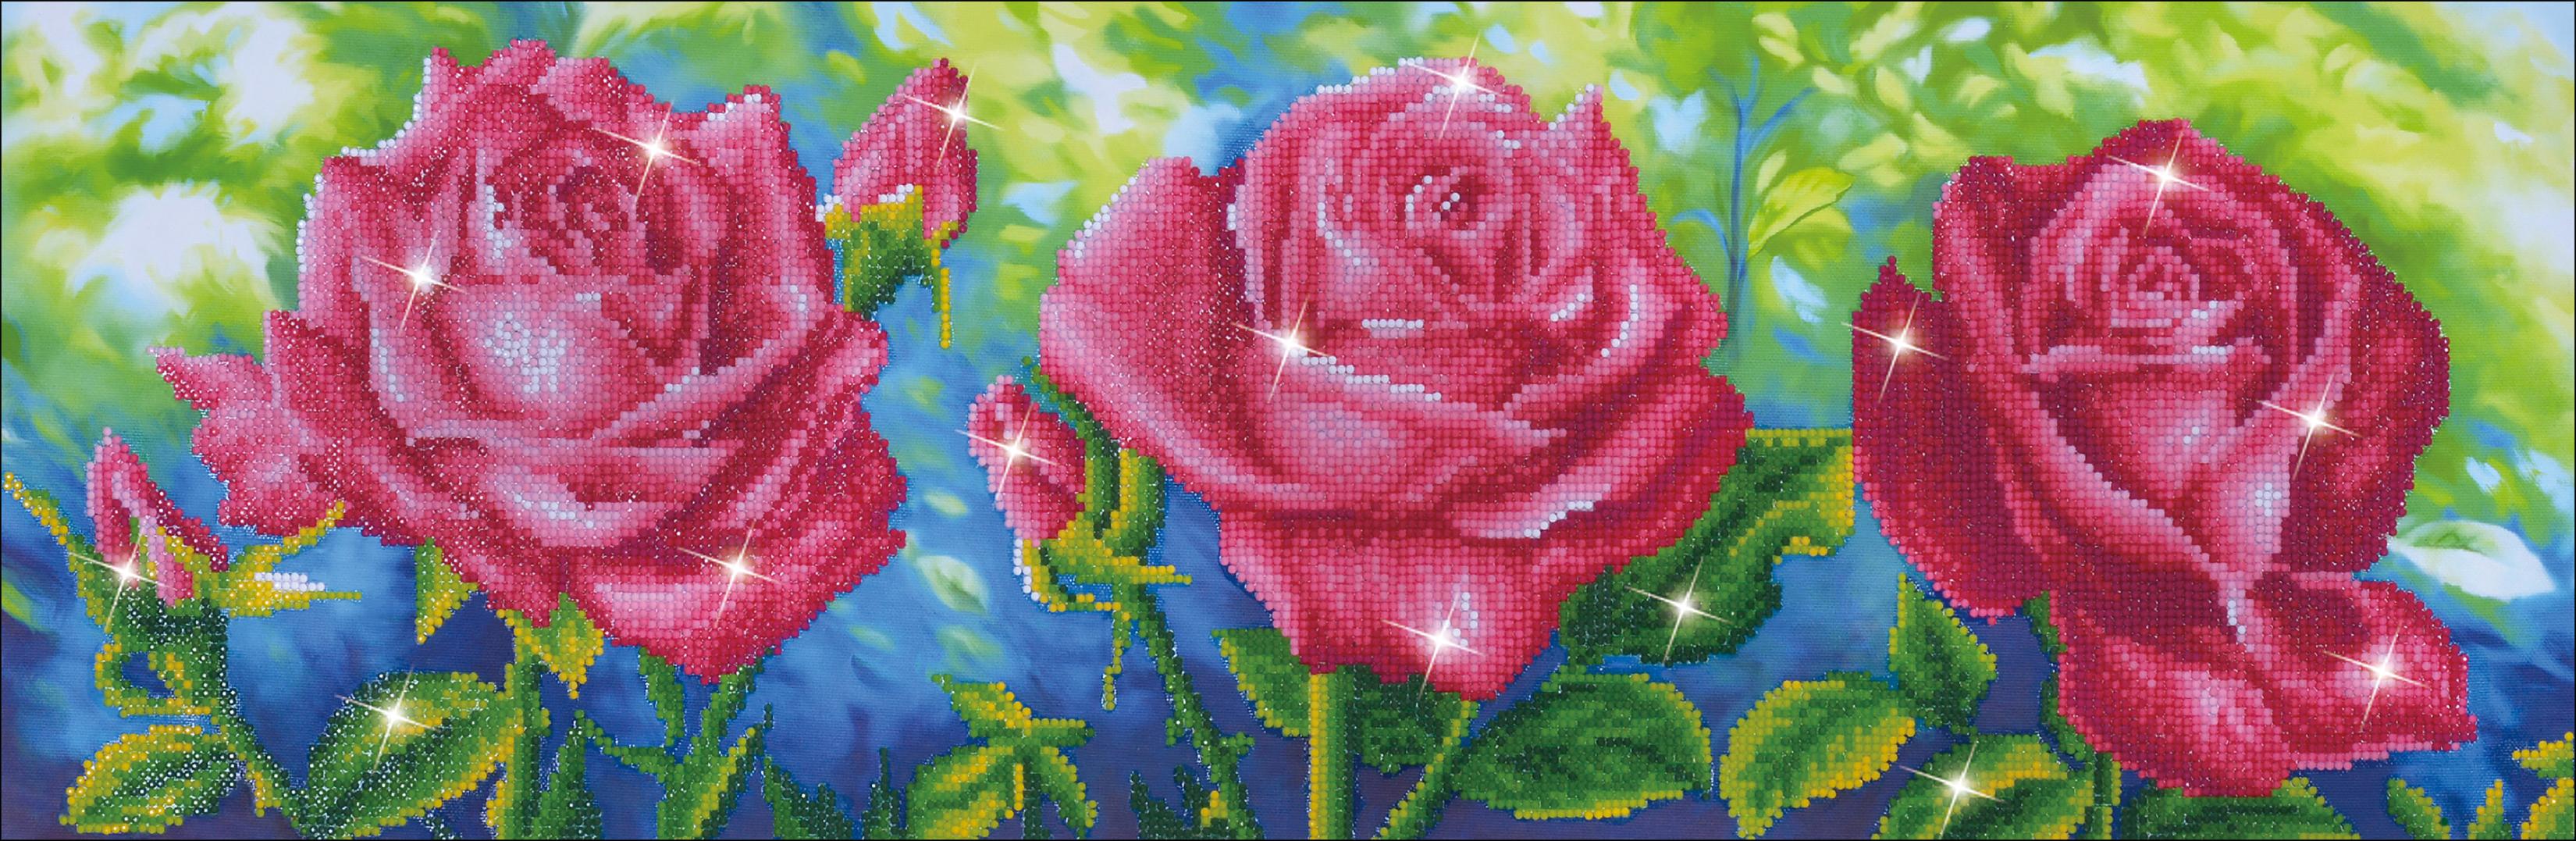 Diamond Dotz Diamond Embroidery Facet Art Kit 35.513.75-Les Roses du Jardin